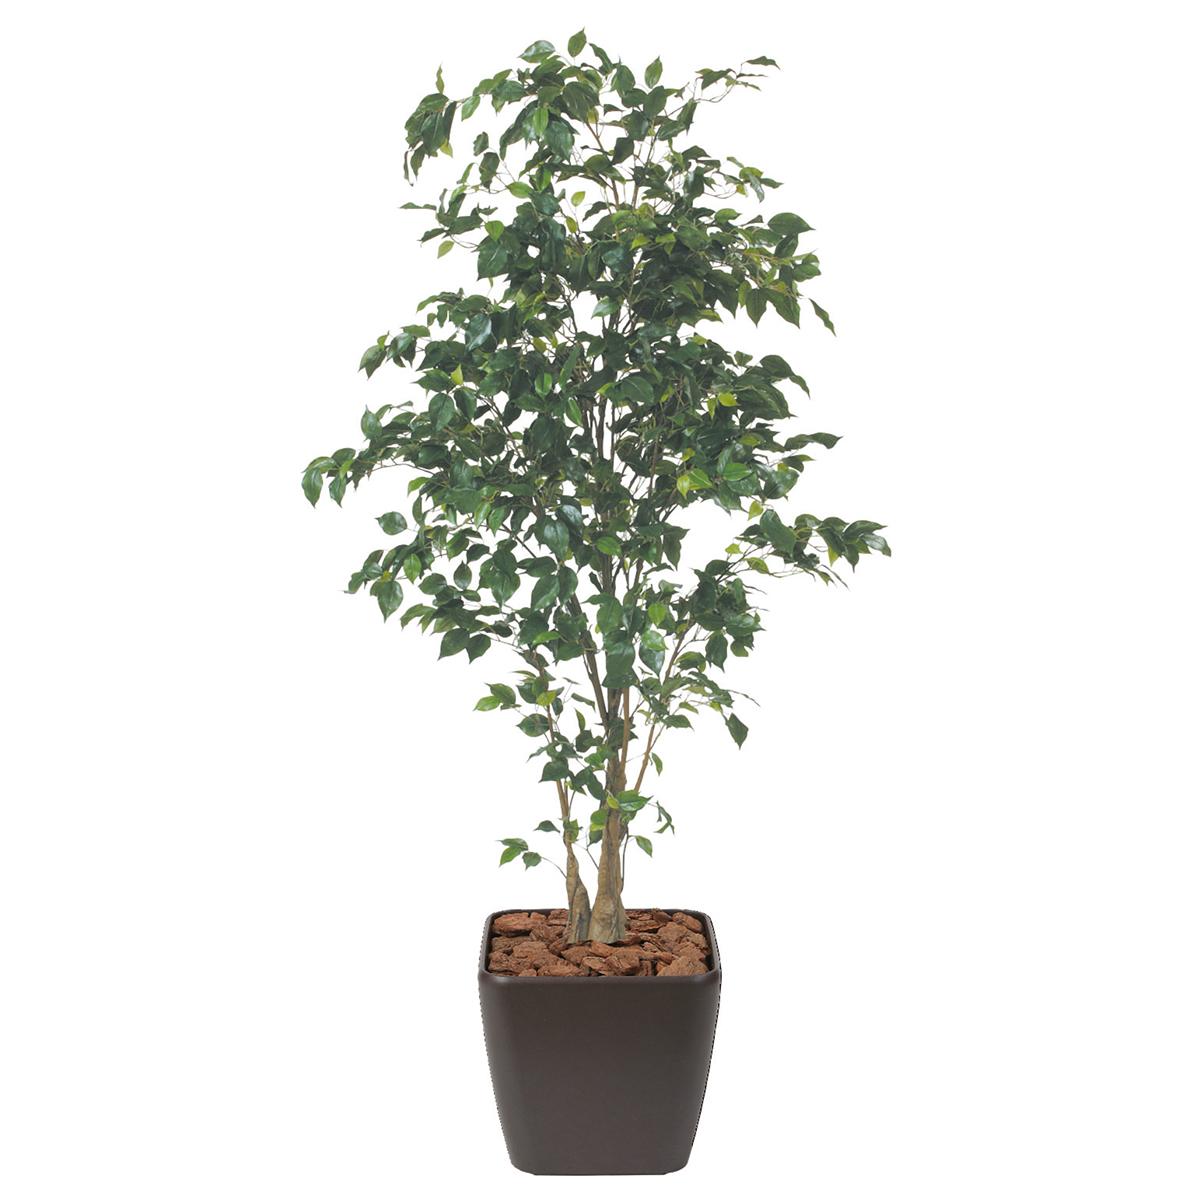 オフィスにグリーンを  ベンジャミン H1800mm HBKD-1-020  観葉植物 インテリアグリーン フェイクグリーン オフィスグリーン